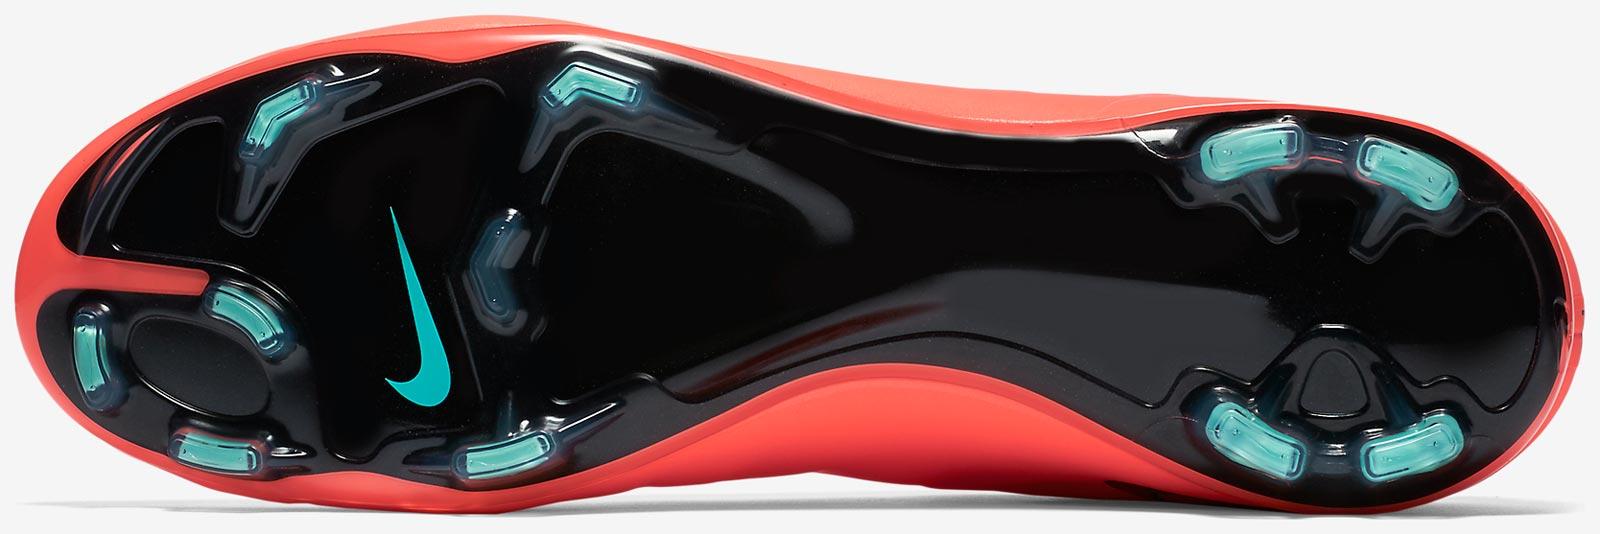 Nike Vapor 2016